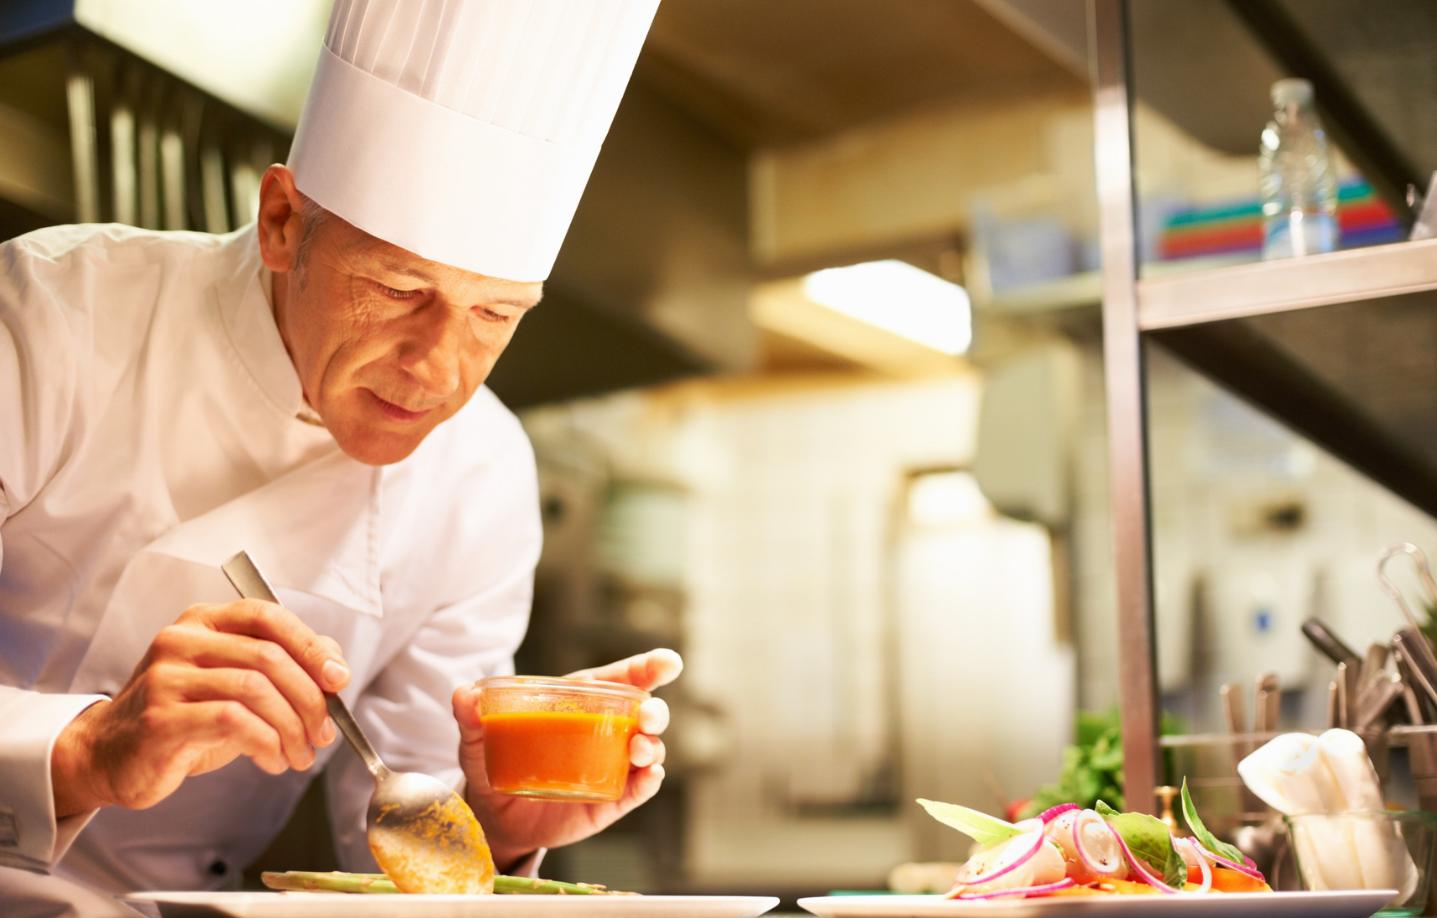 як організувати бізнес на наданні послуг кухаря консультанта